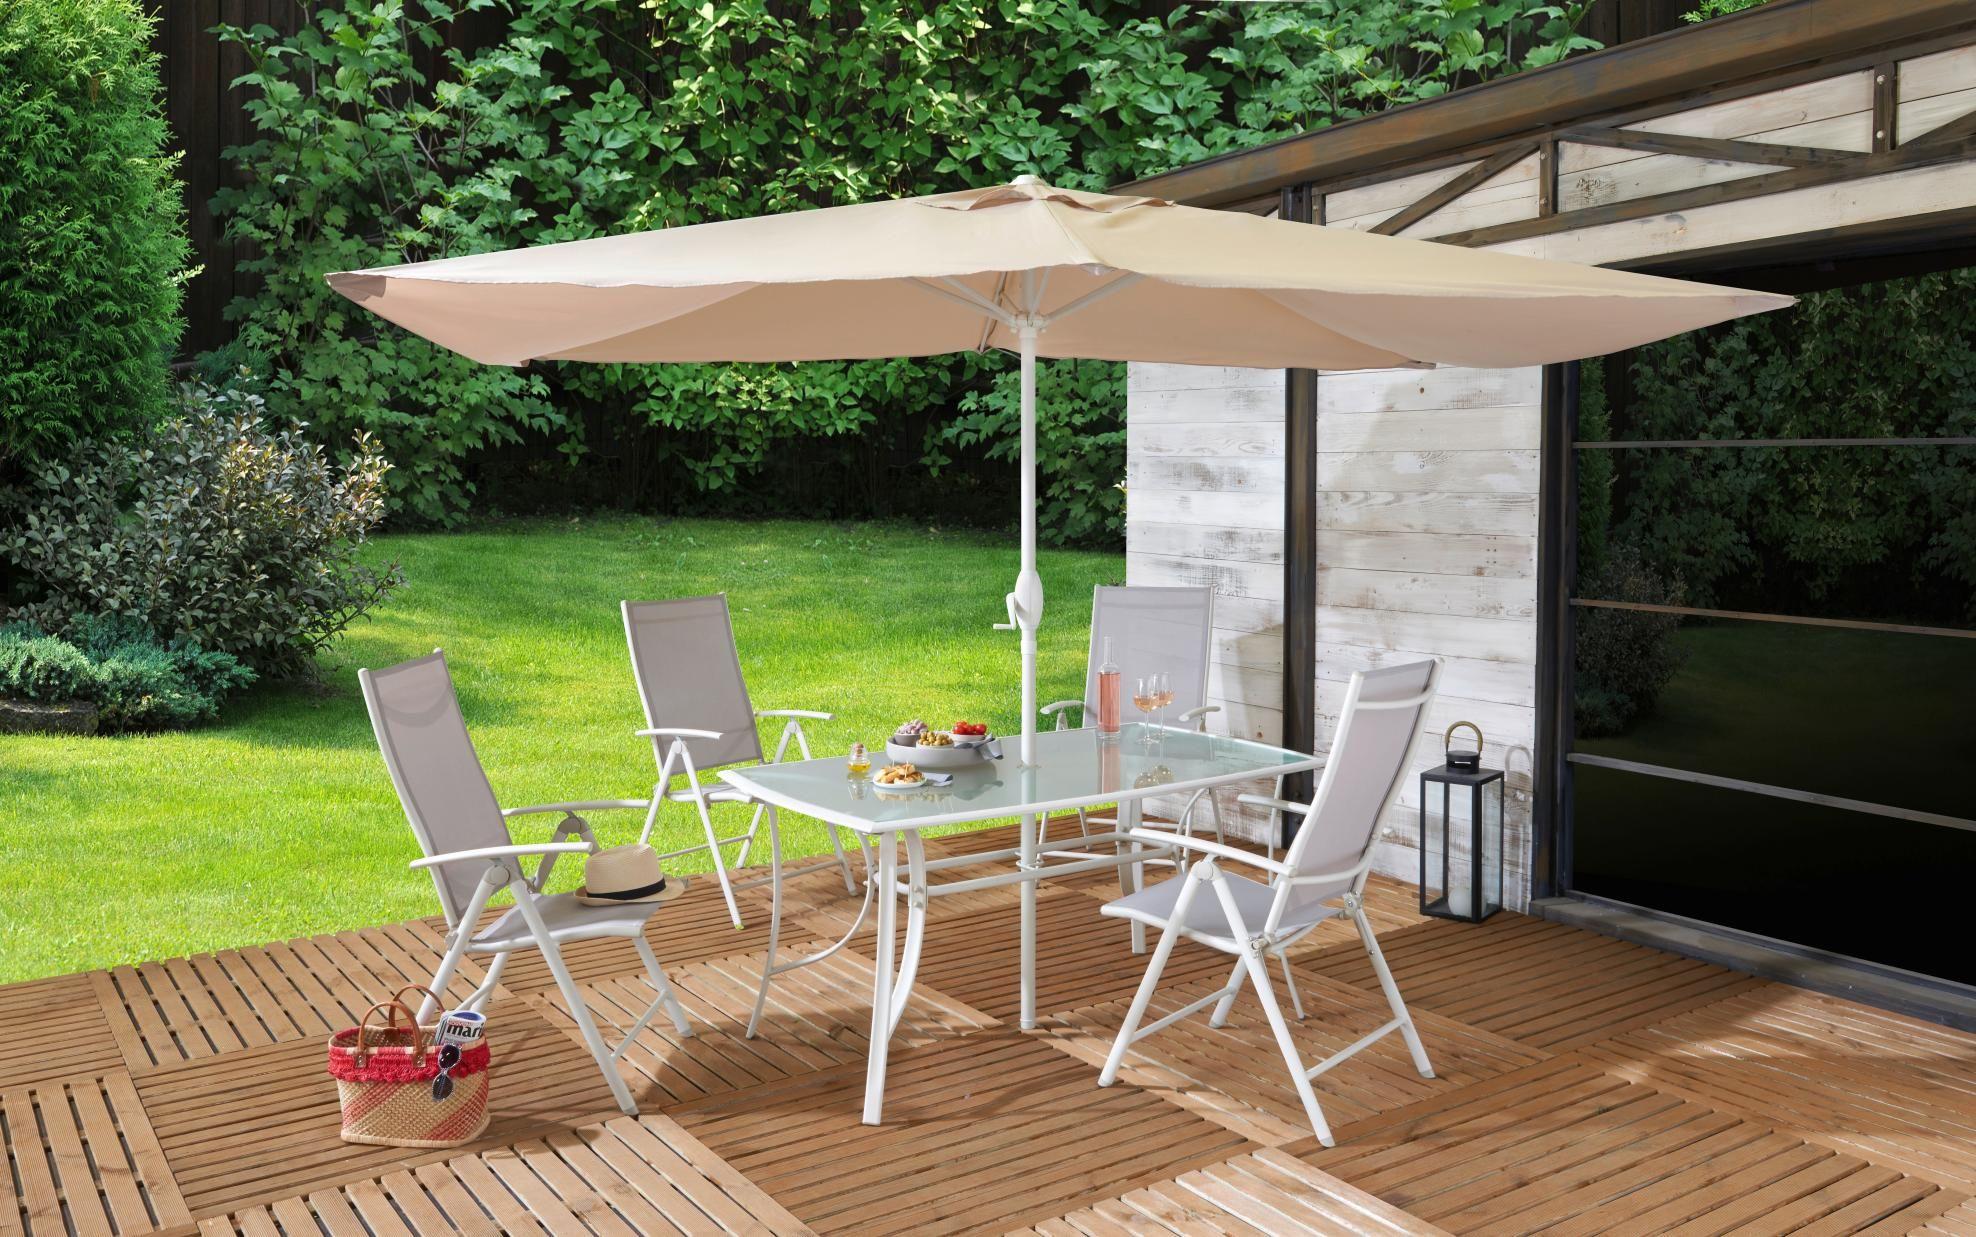 Salon Jardin Carrefour Des Idées - Idees Conception Jardin destiné Salon De Jardin Pas Cher Carrefour